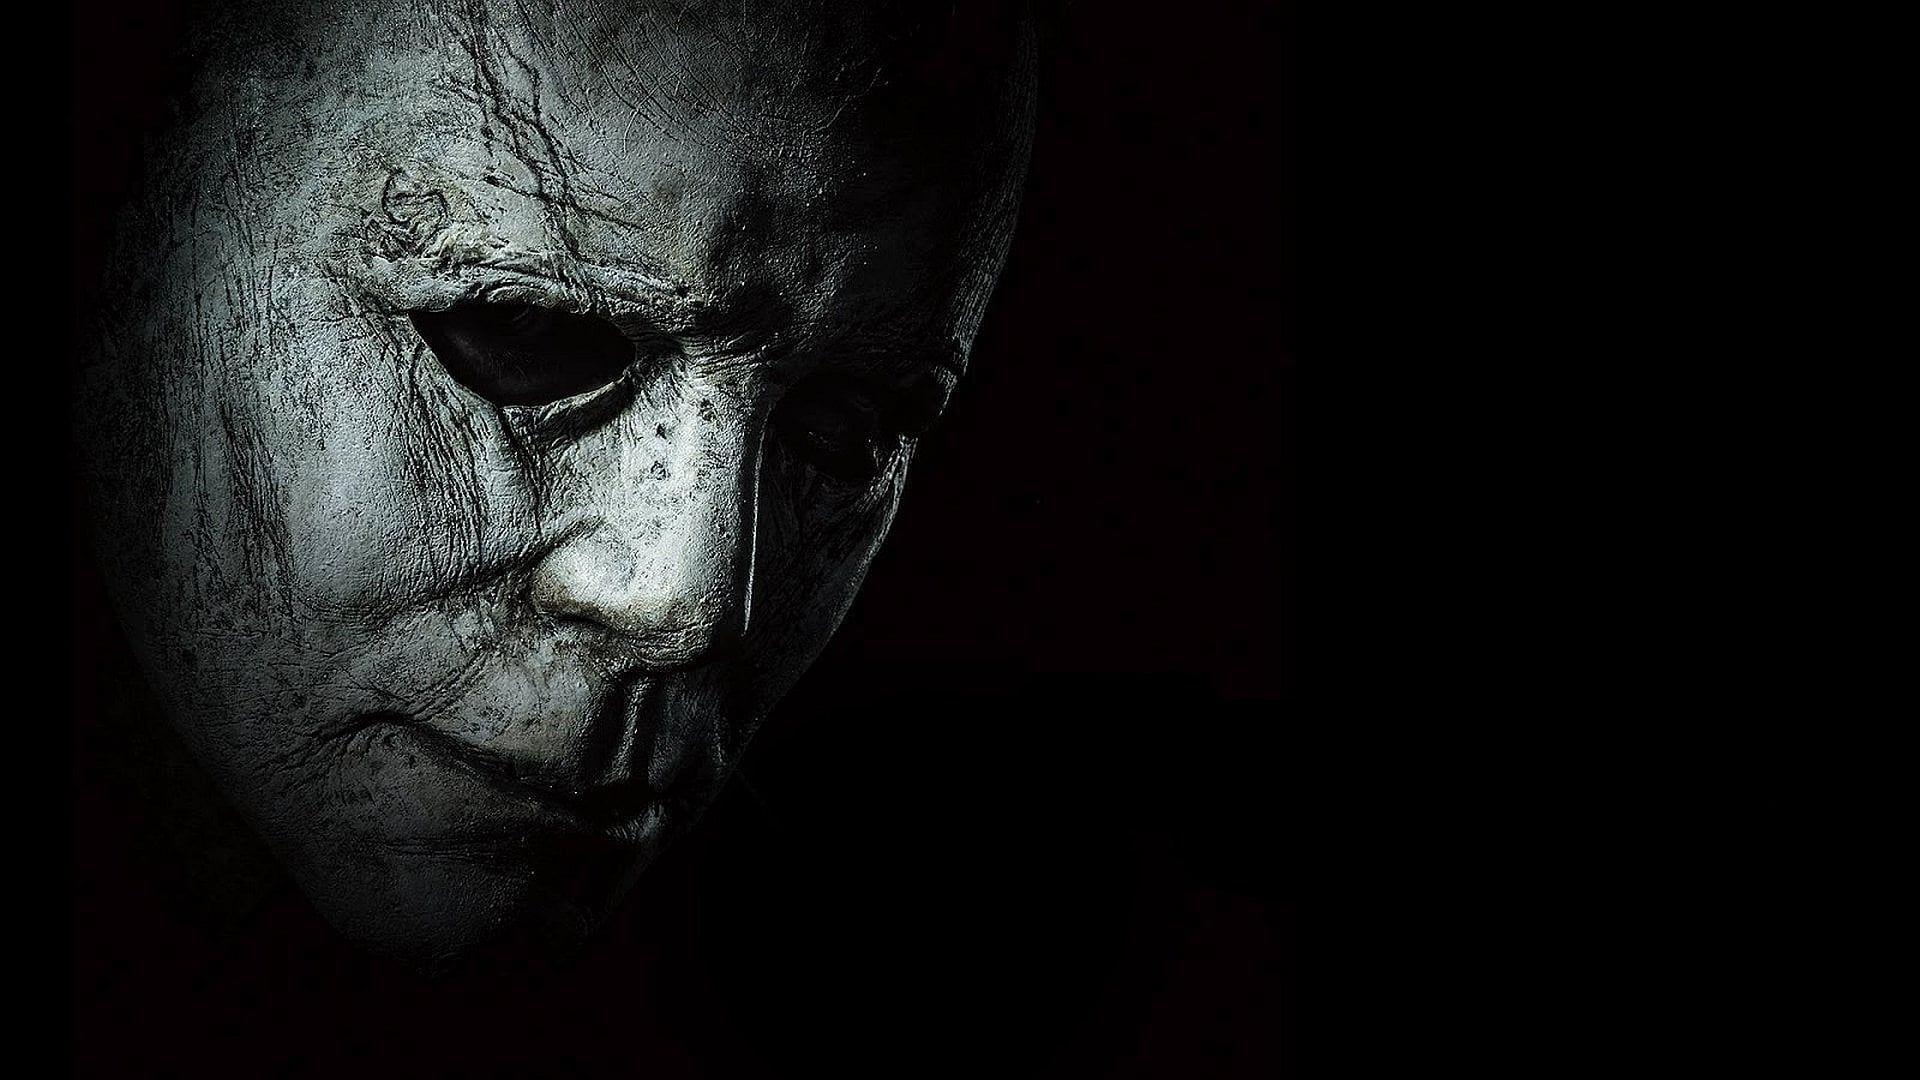 Laurie Strode Est De Retour Pour Un Affrontement Final Avec Michael Myers Le Personnage Masque Qui La Hante Depuis In 2020 Michael Myers Halloween Film Halloween 2018